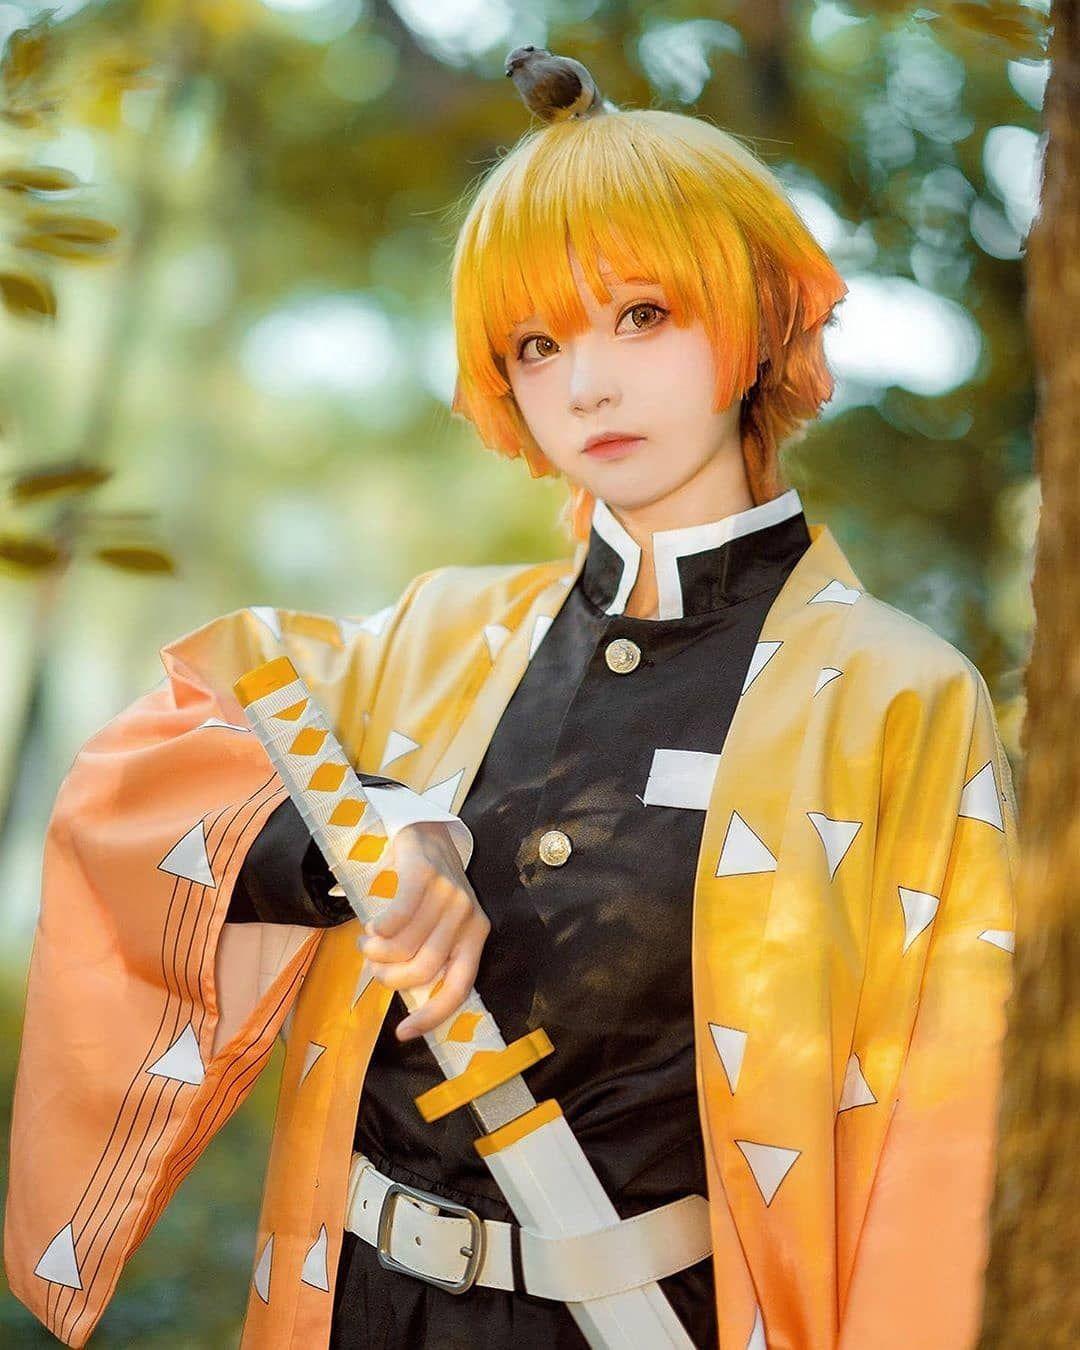 Pin oleh Nogame di japan cosplay, artist °] di 2020